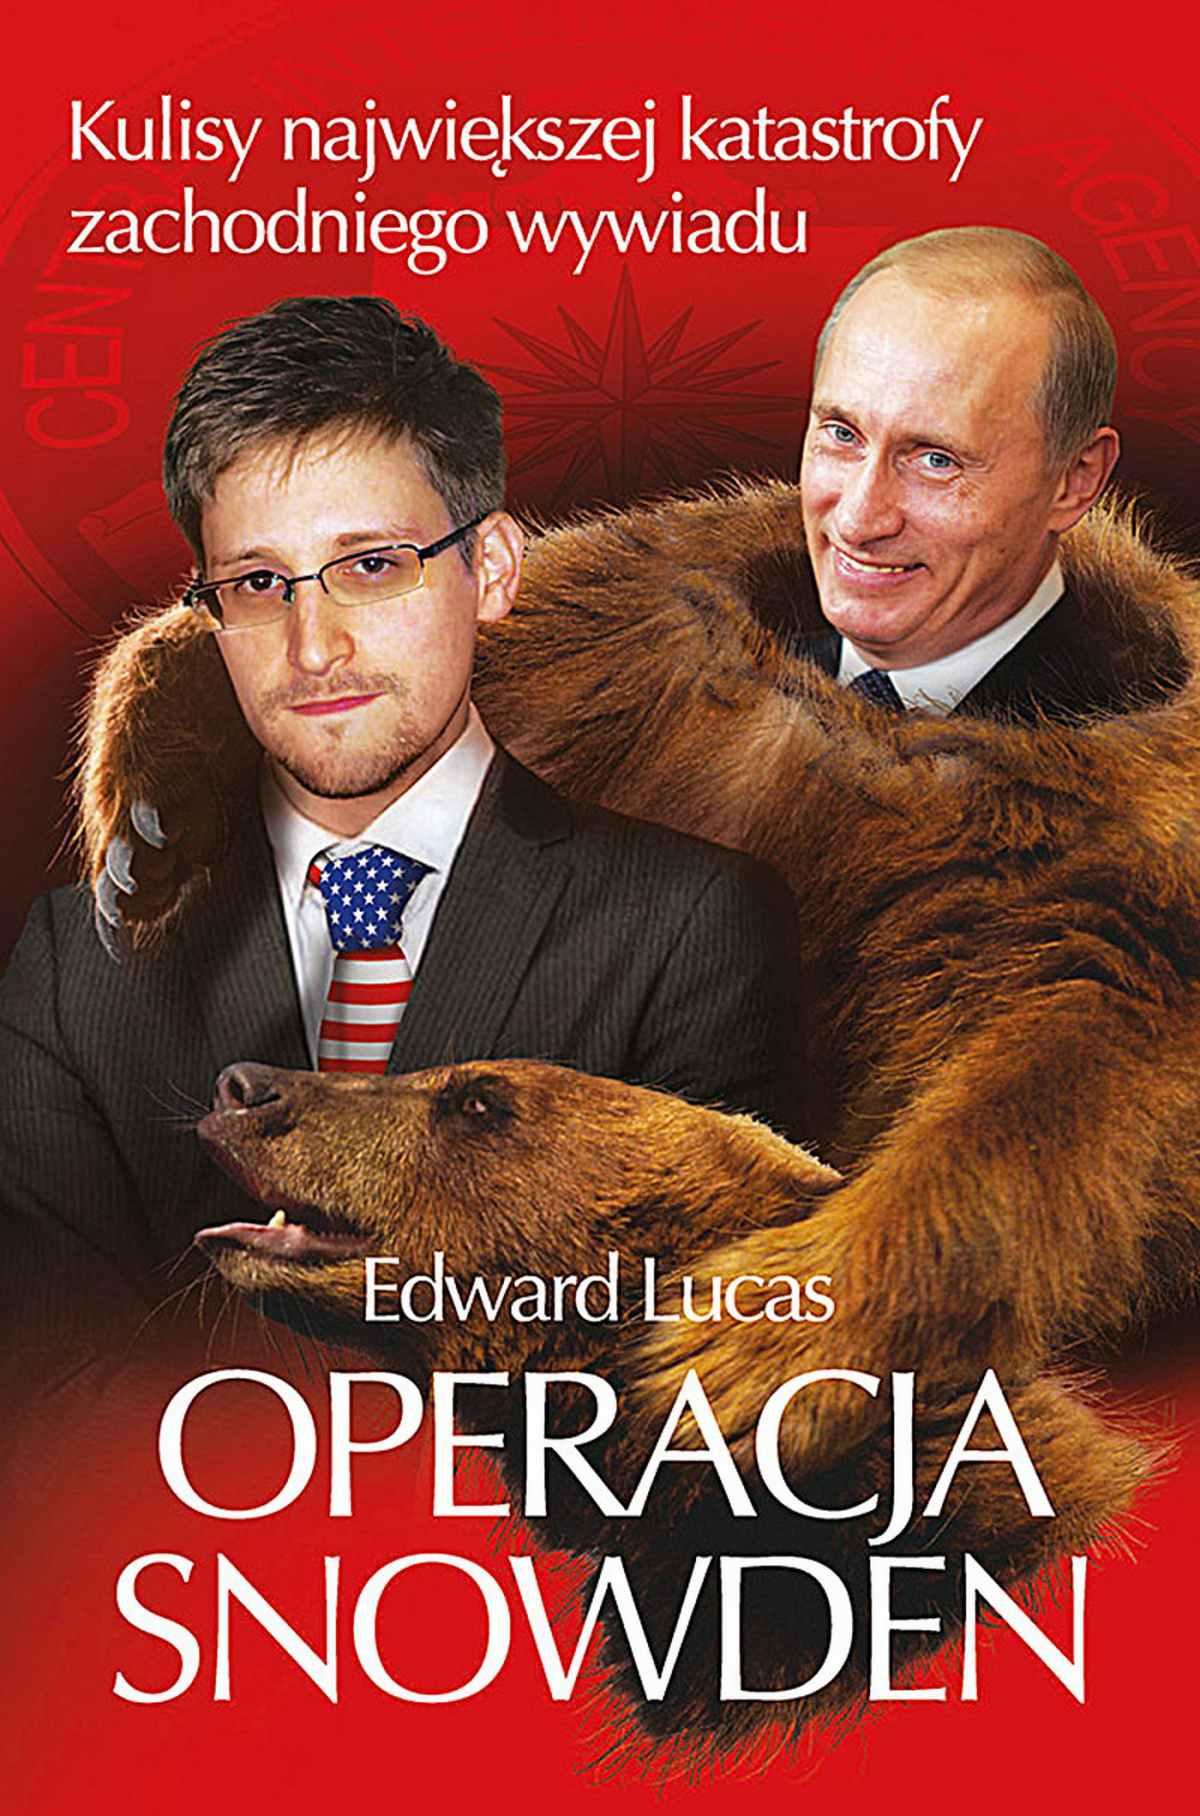 Operacja Snowden - Ebook (Książka na Kindle) do pobrania w formacie MOBI